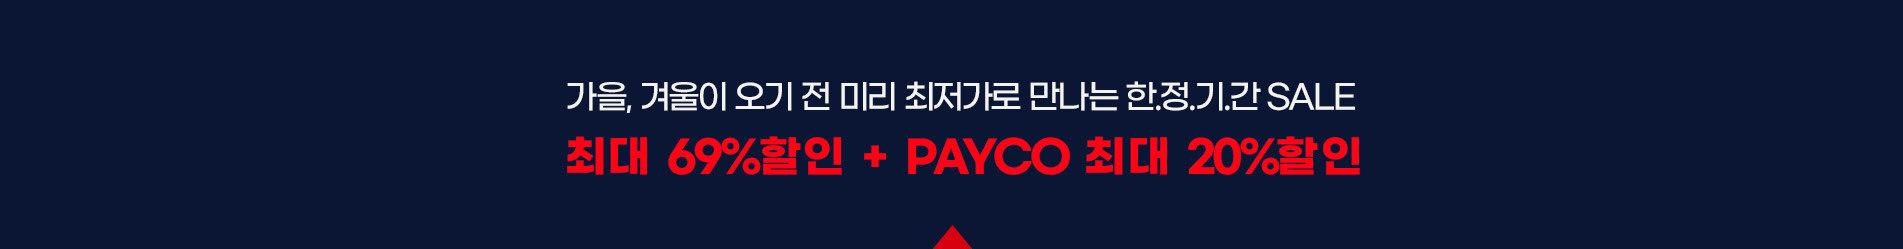 가을,겨울이 오기전 미리 최저가로 만나는 한정기간 SALE! 최대 69%할인 + PAYCO 최대 20% 할인